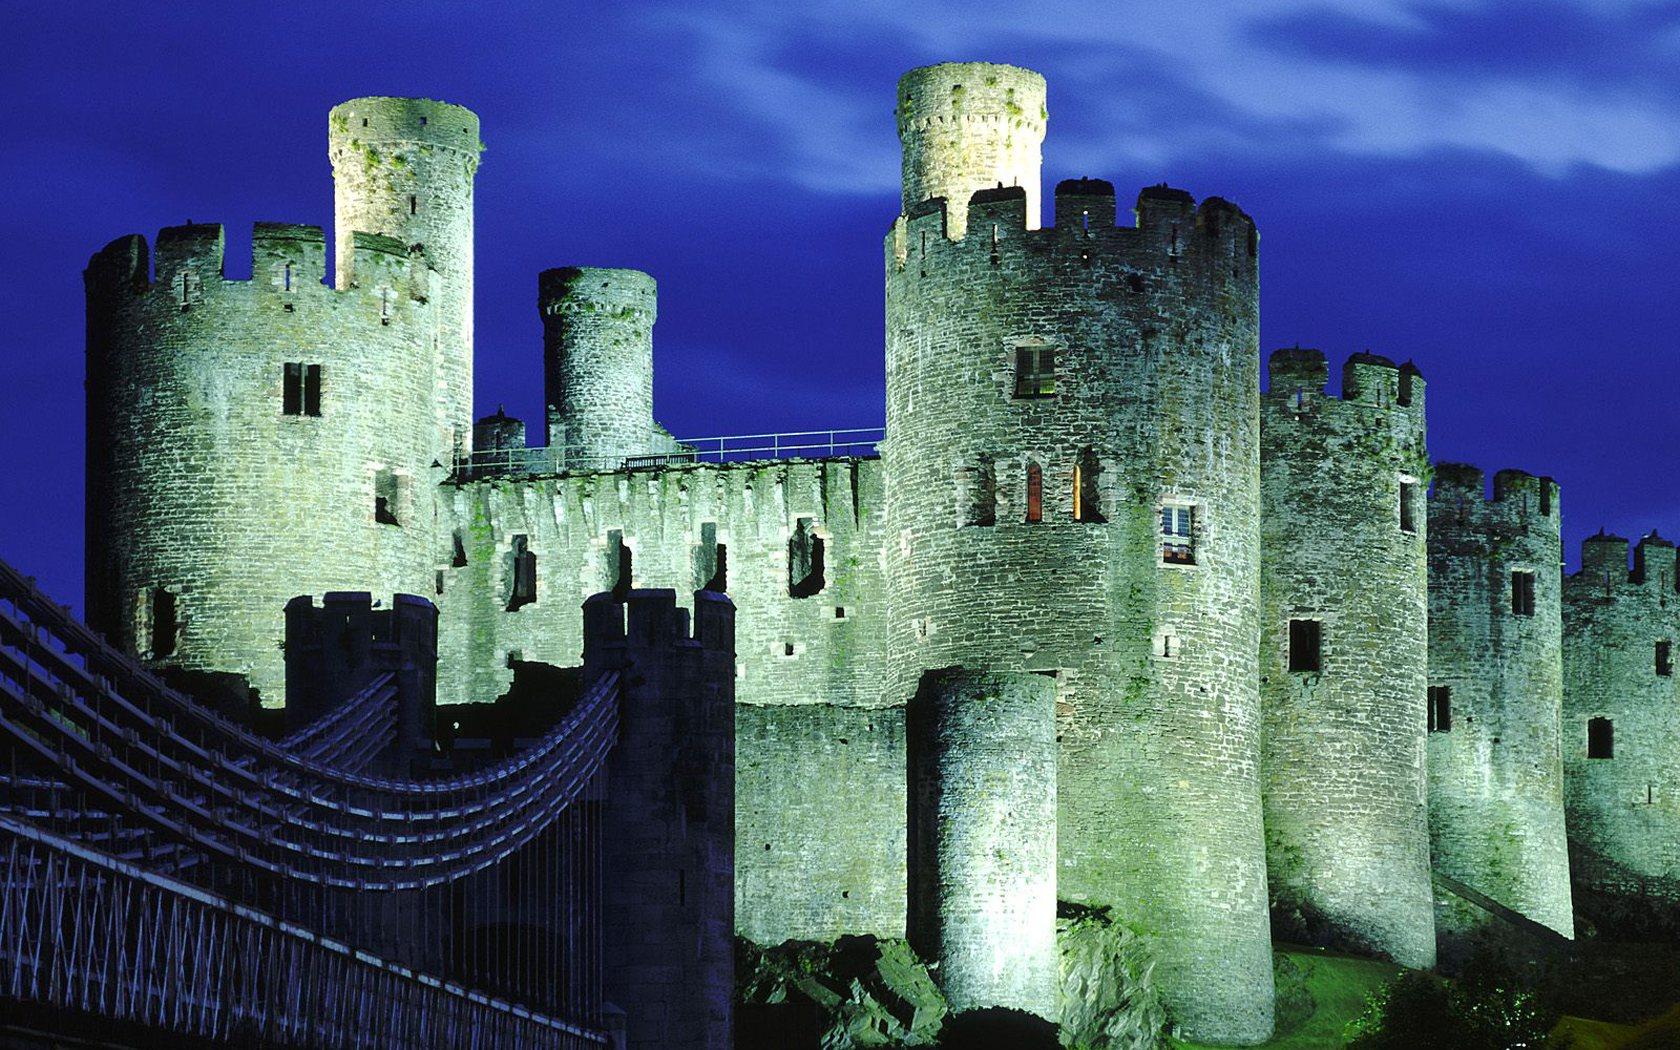 壁纸1680×1050英国威尔士 世界文化遗产康威城堡壁纸壁纸 文化之旅地理人文景观一壁纸图片人文壁纸人文图片素材桌面壁纸